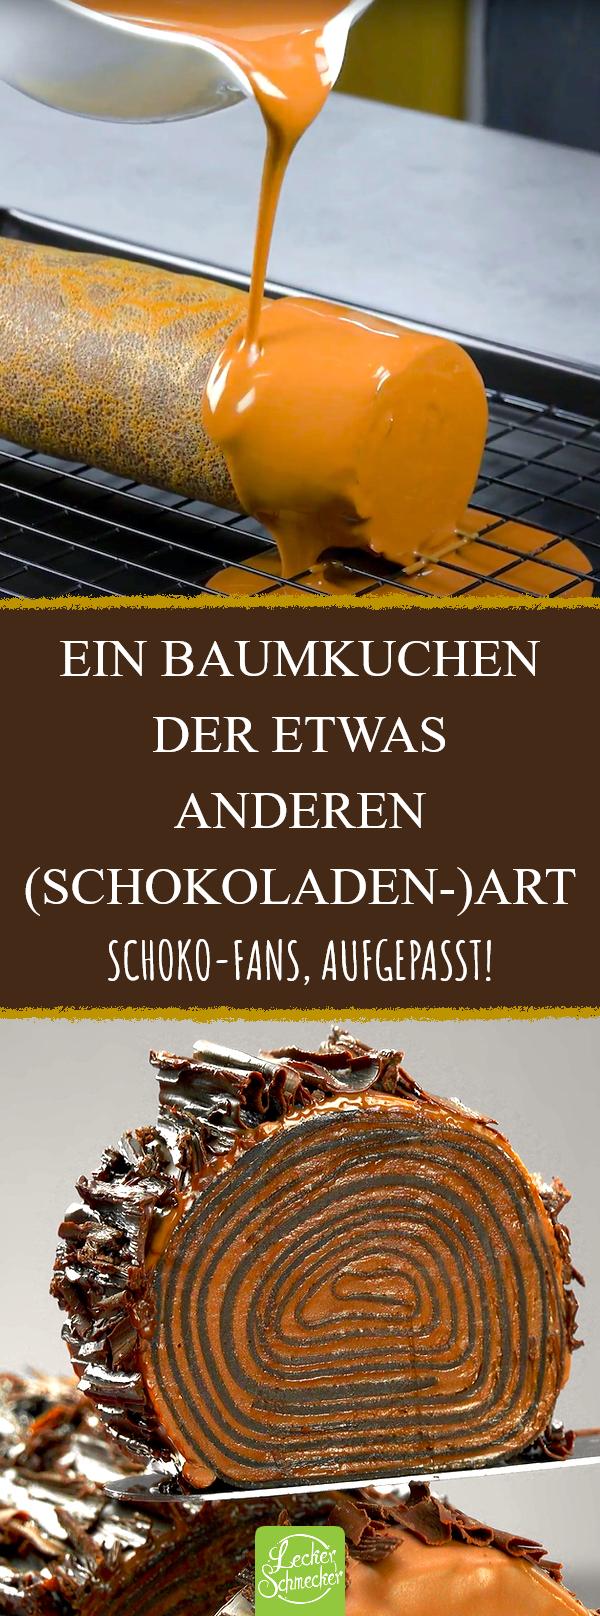 Wahrer Schokoladen Traum: Baumkuchen der etwas anderen Art